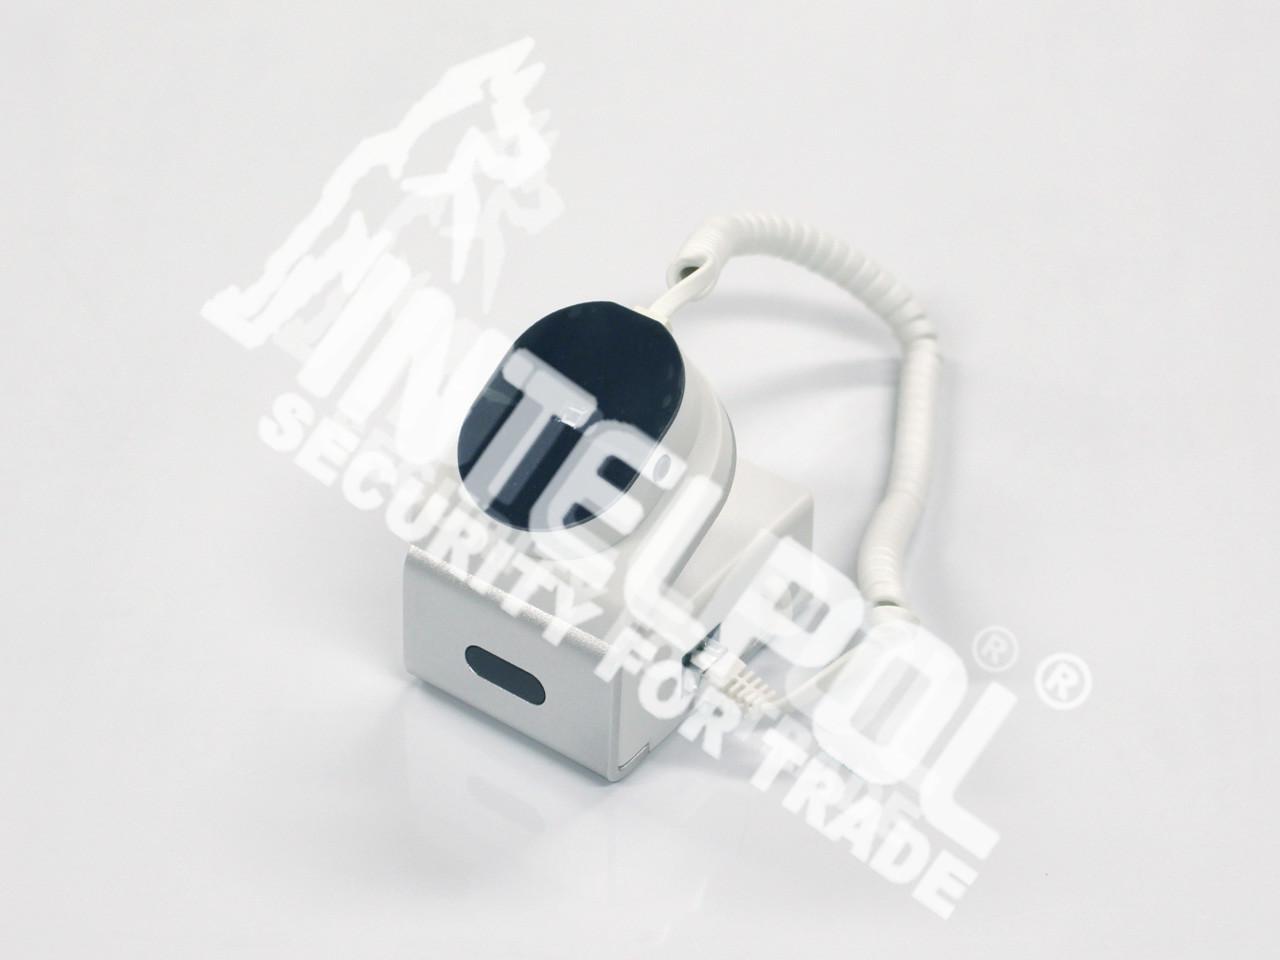 Автономный пьедестал Safeplay SP2108 для смартфона